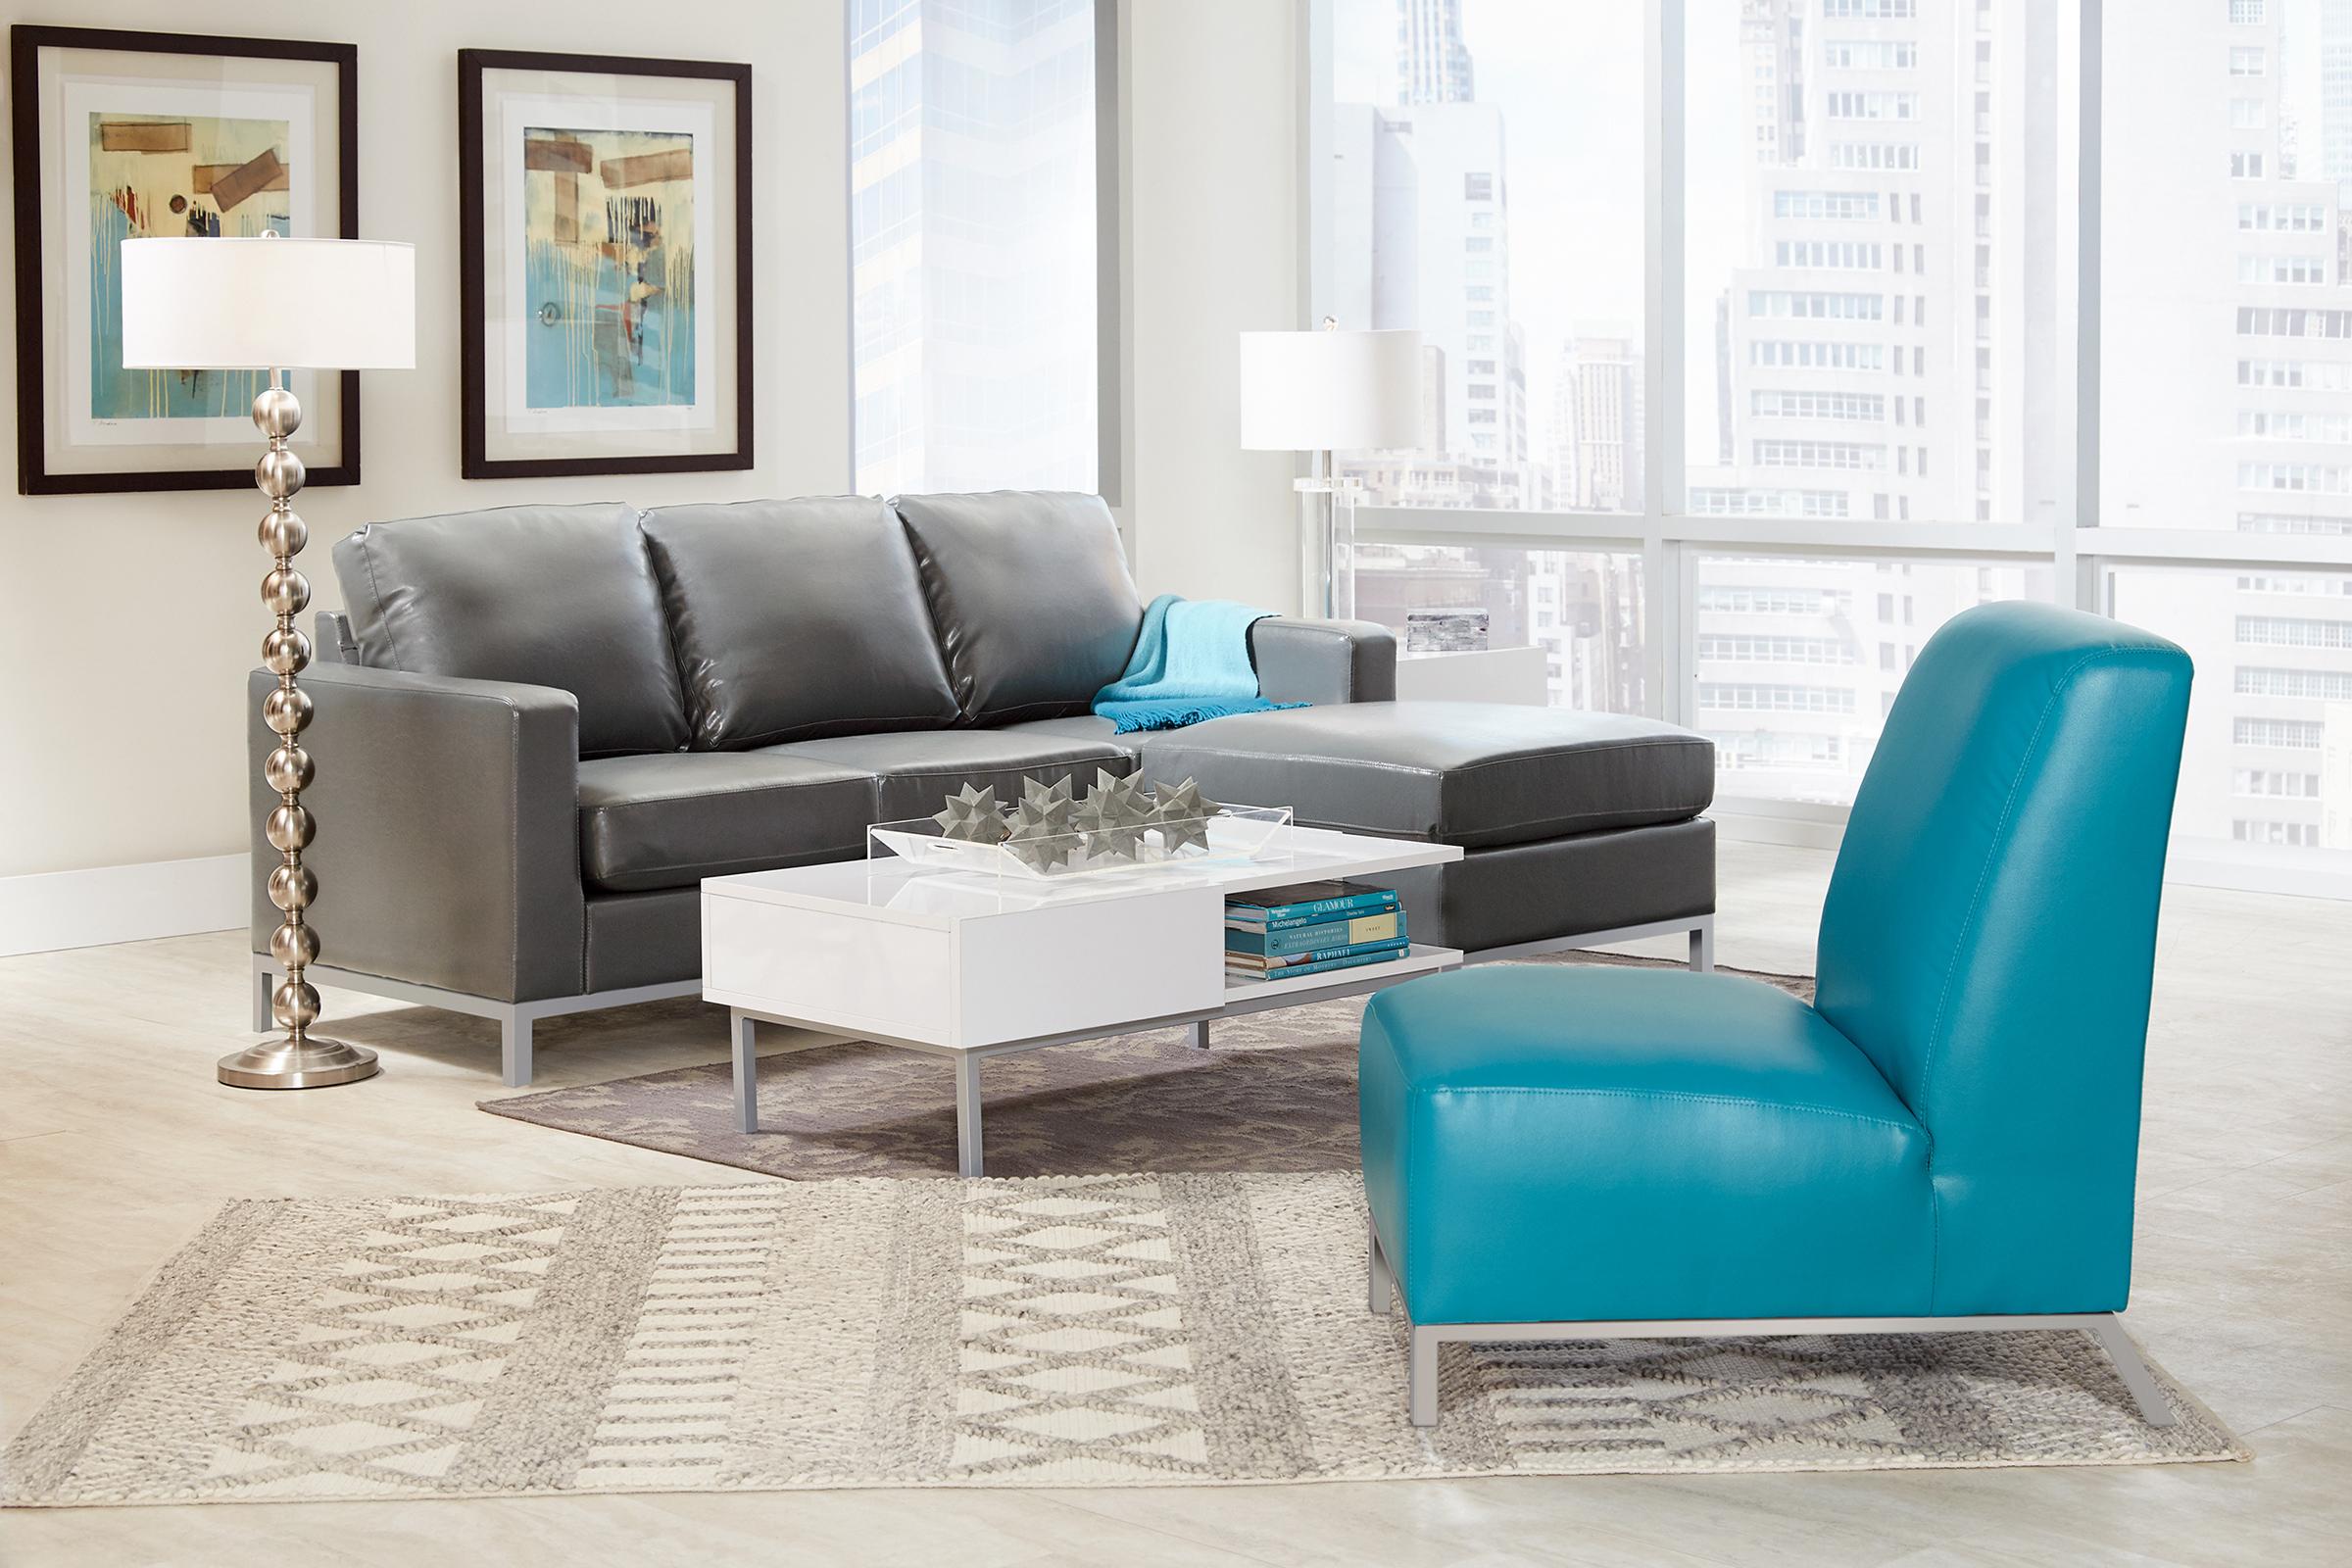 F3 Metro Lounge Furniture